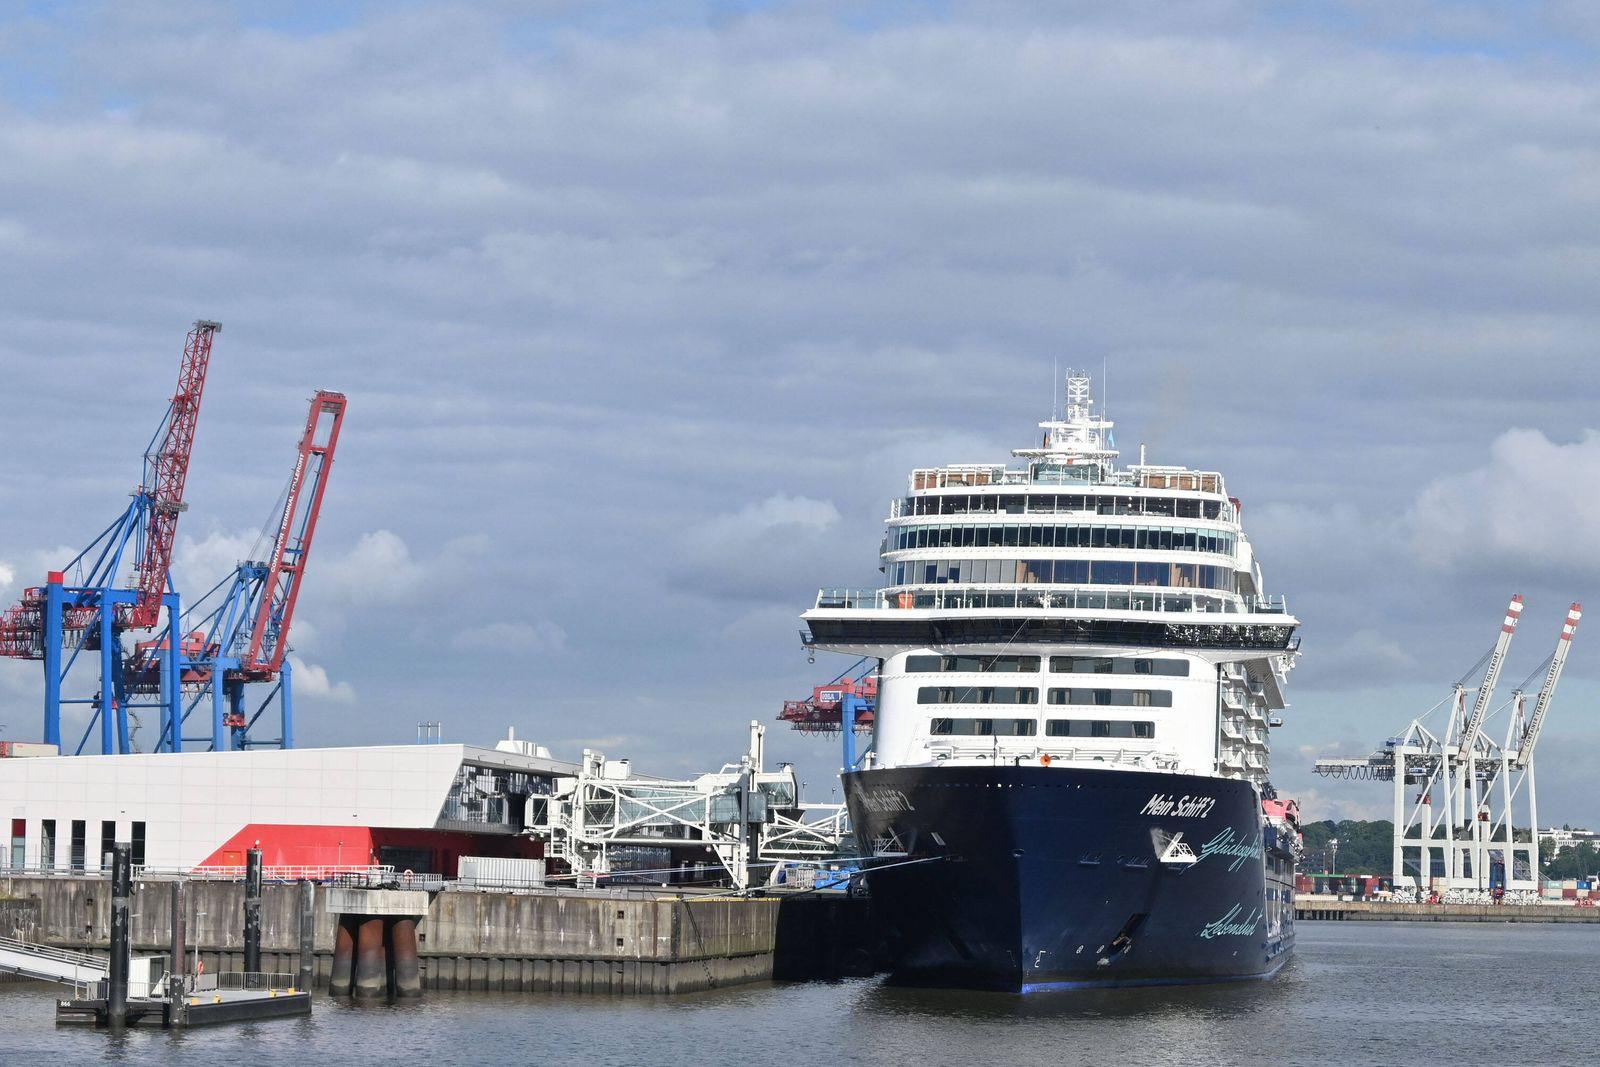 Hamburg der 22.07.2020, Die Mein Schiff 2 der Hamburger Reederei TUI Cruises ist in Steinwerder eingetroffen. Das Schiff